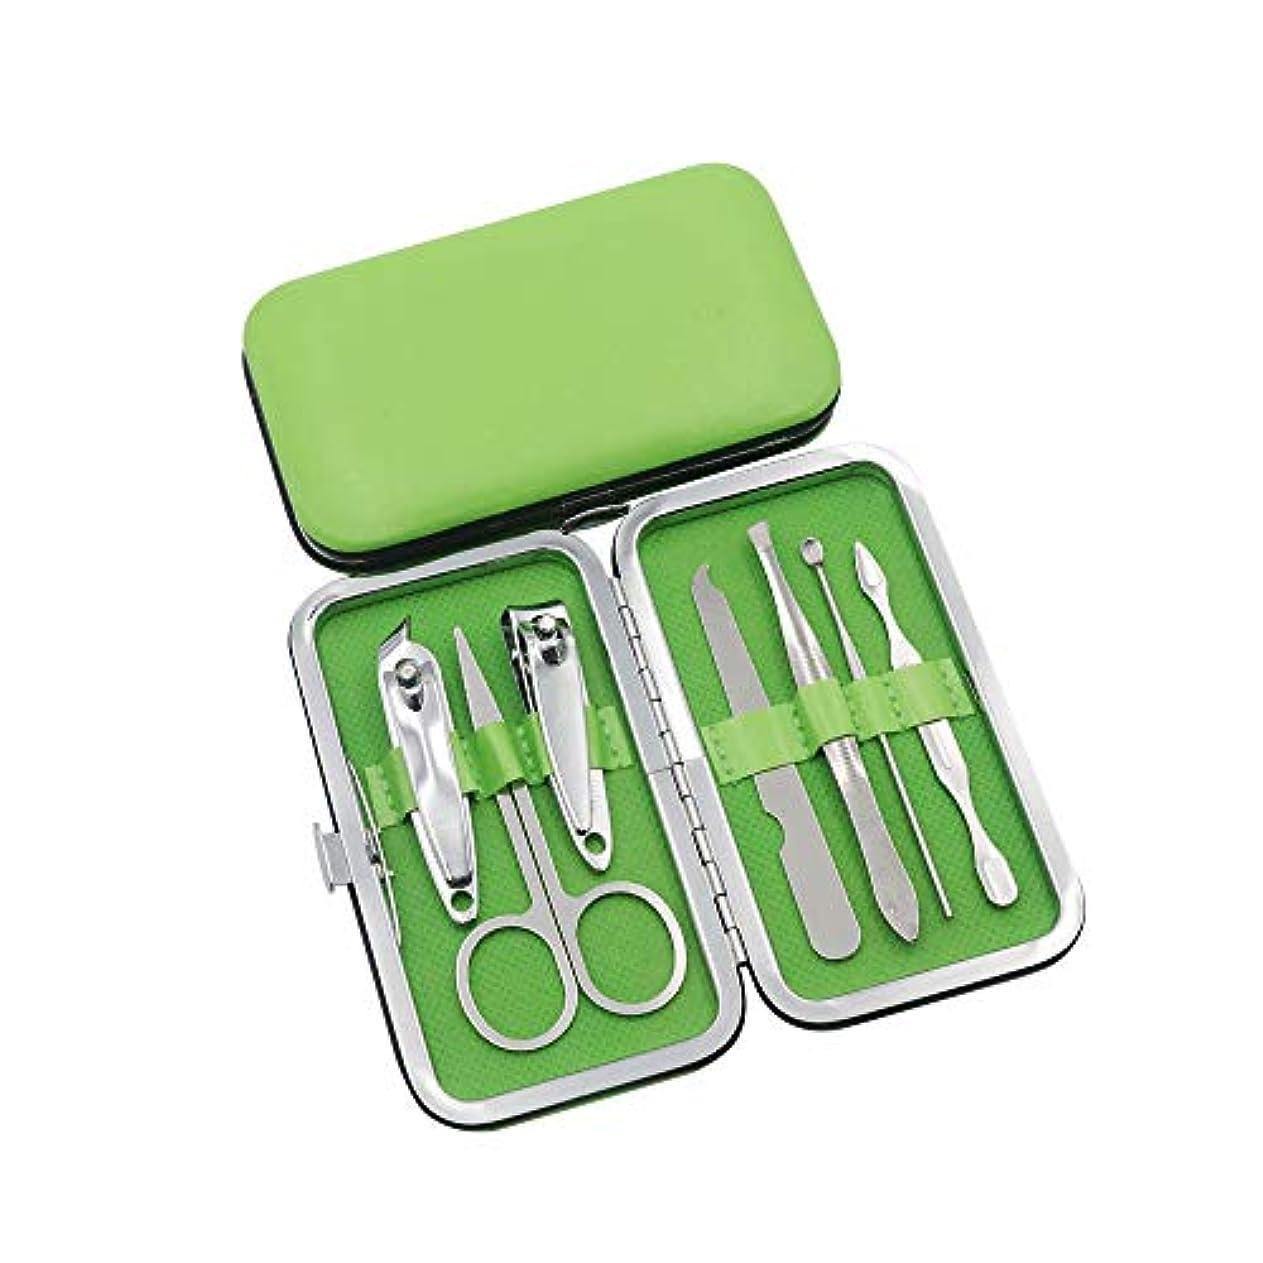 腫瘍ラリー迷惑ネイルケアセット爪やすり 爪切り 爪切りセット携帯便利 収納ケース付き、7点セット